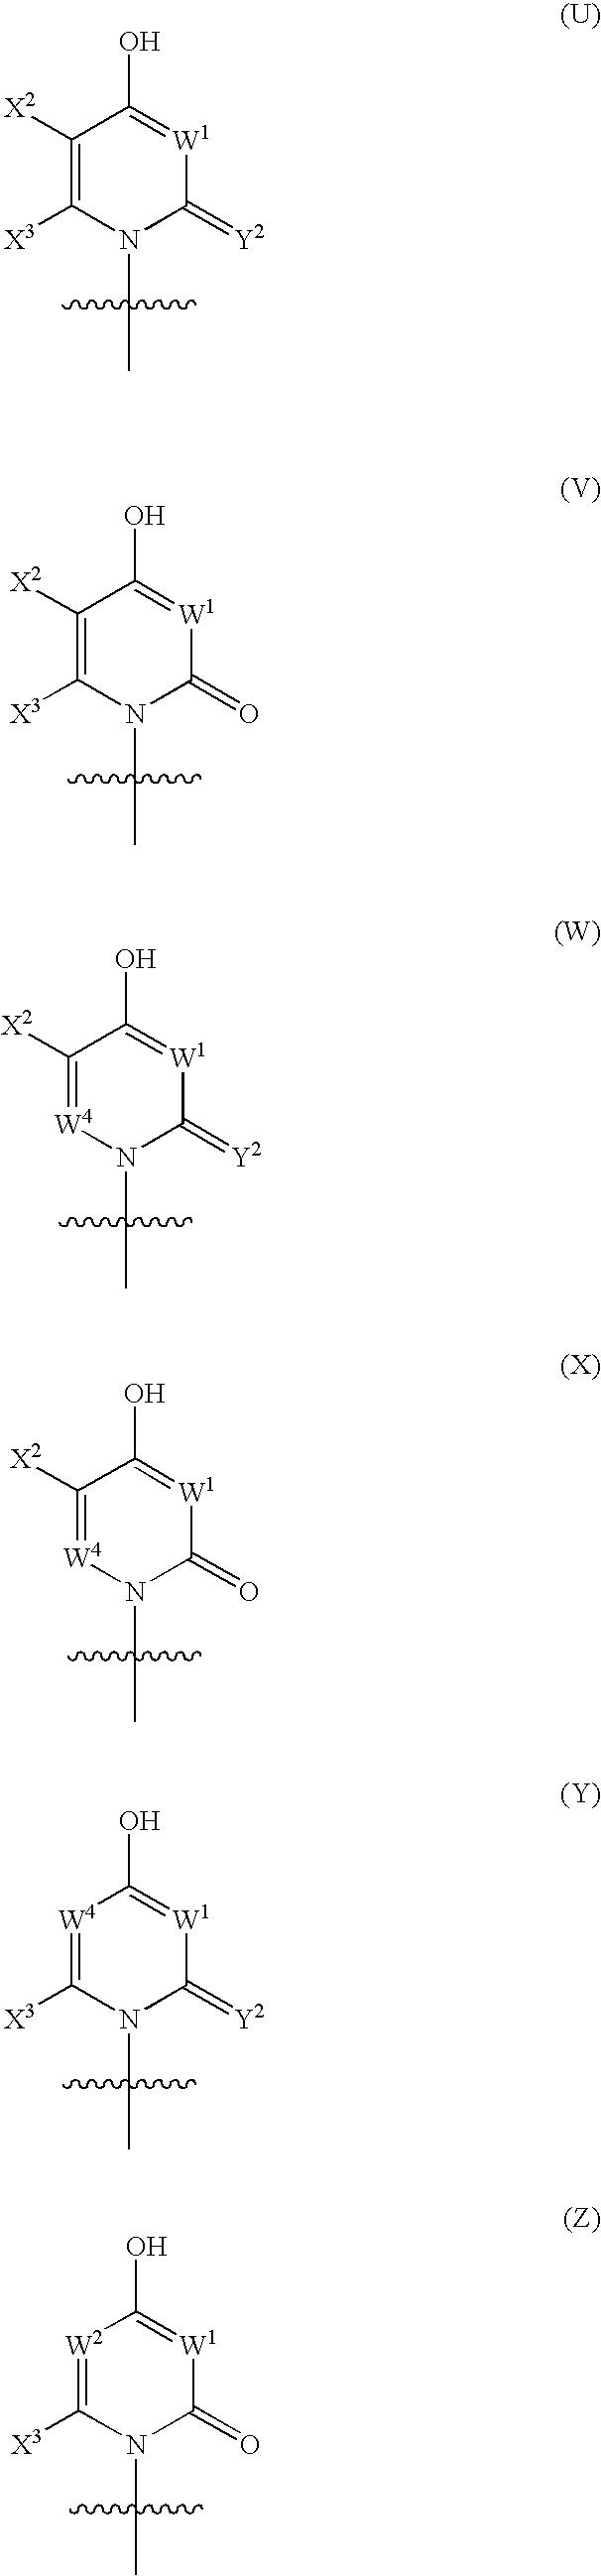 Figure US07608600-20091027-C00031